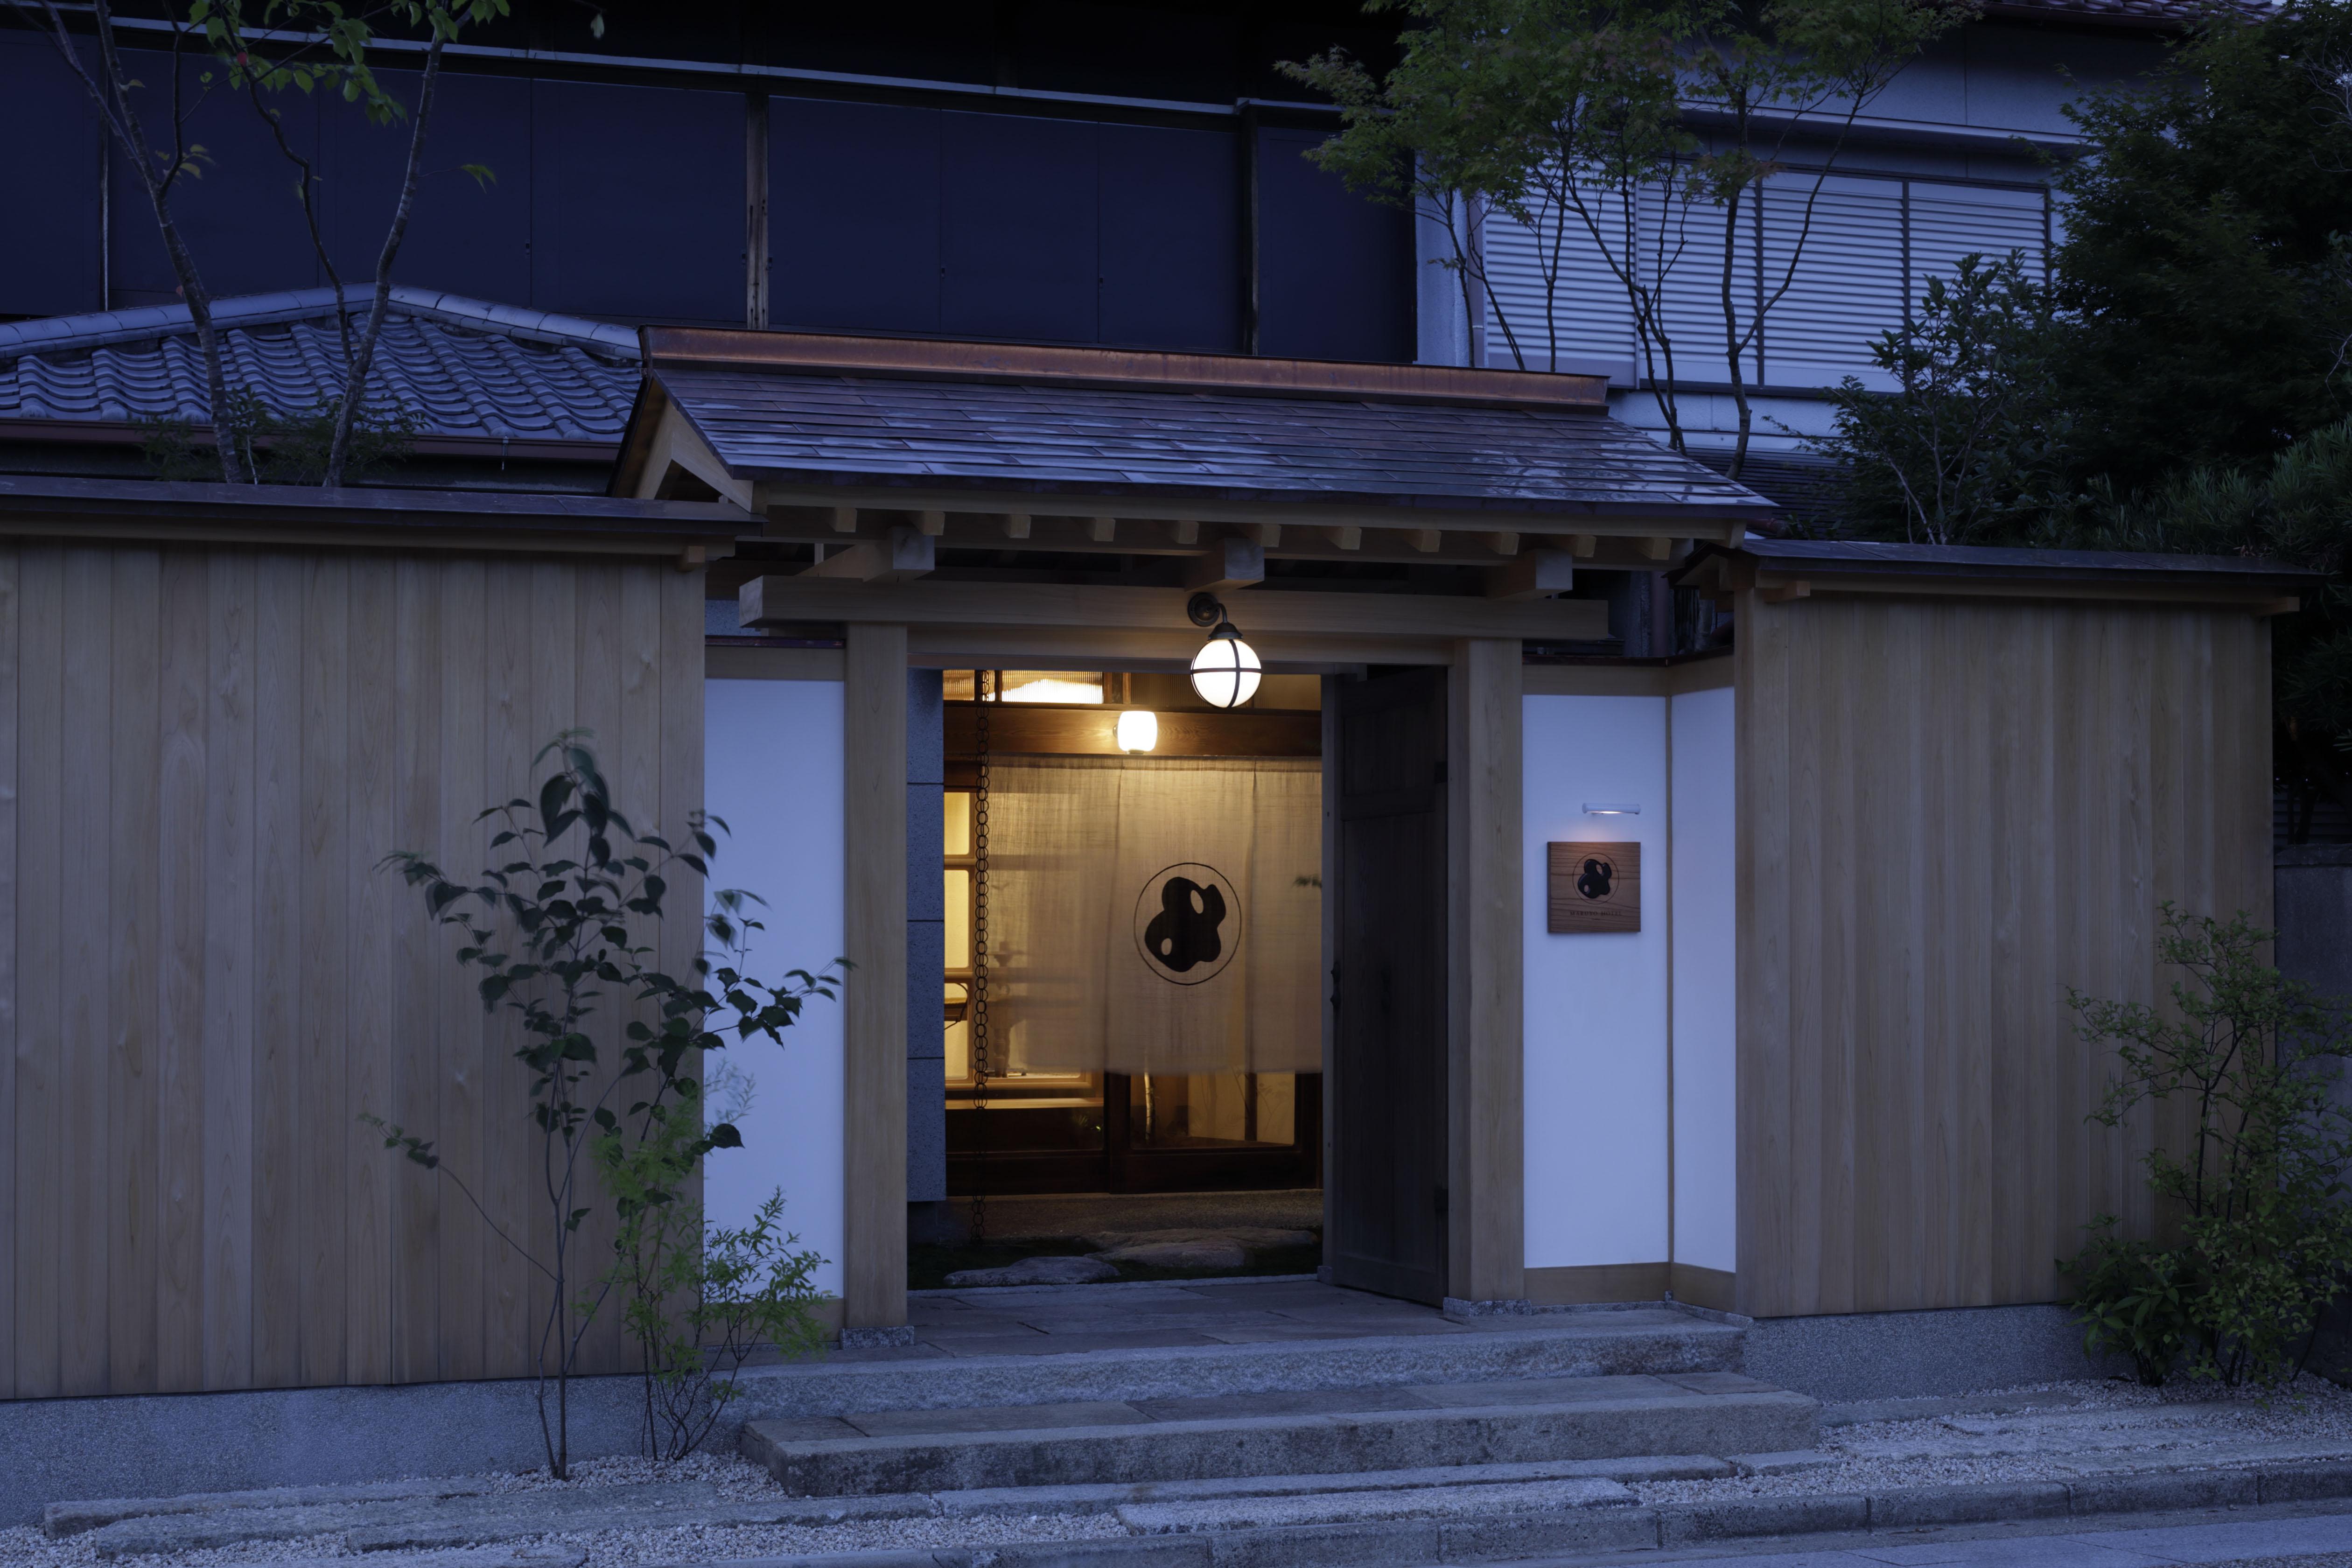 伊勢の玄関口 三重県桑名市に、現代アートと古美術、工芸の融合する古くて新しい、一日一組限定の一棟貸しの宿「MARUYO HOTEL Semba」がオープン!